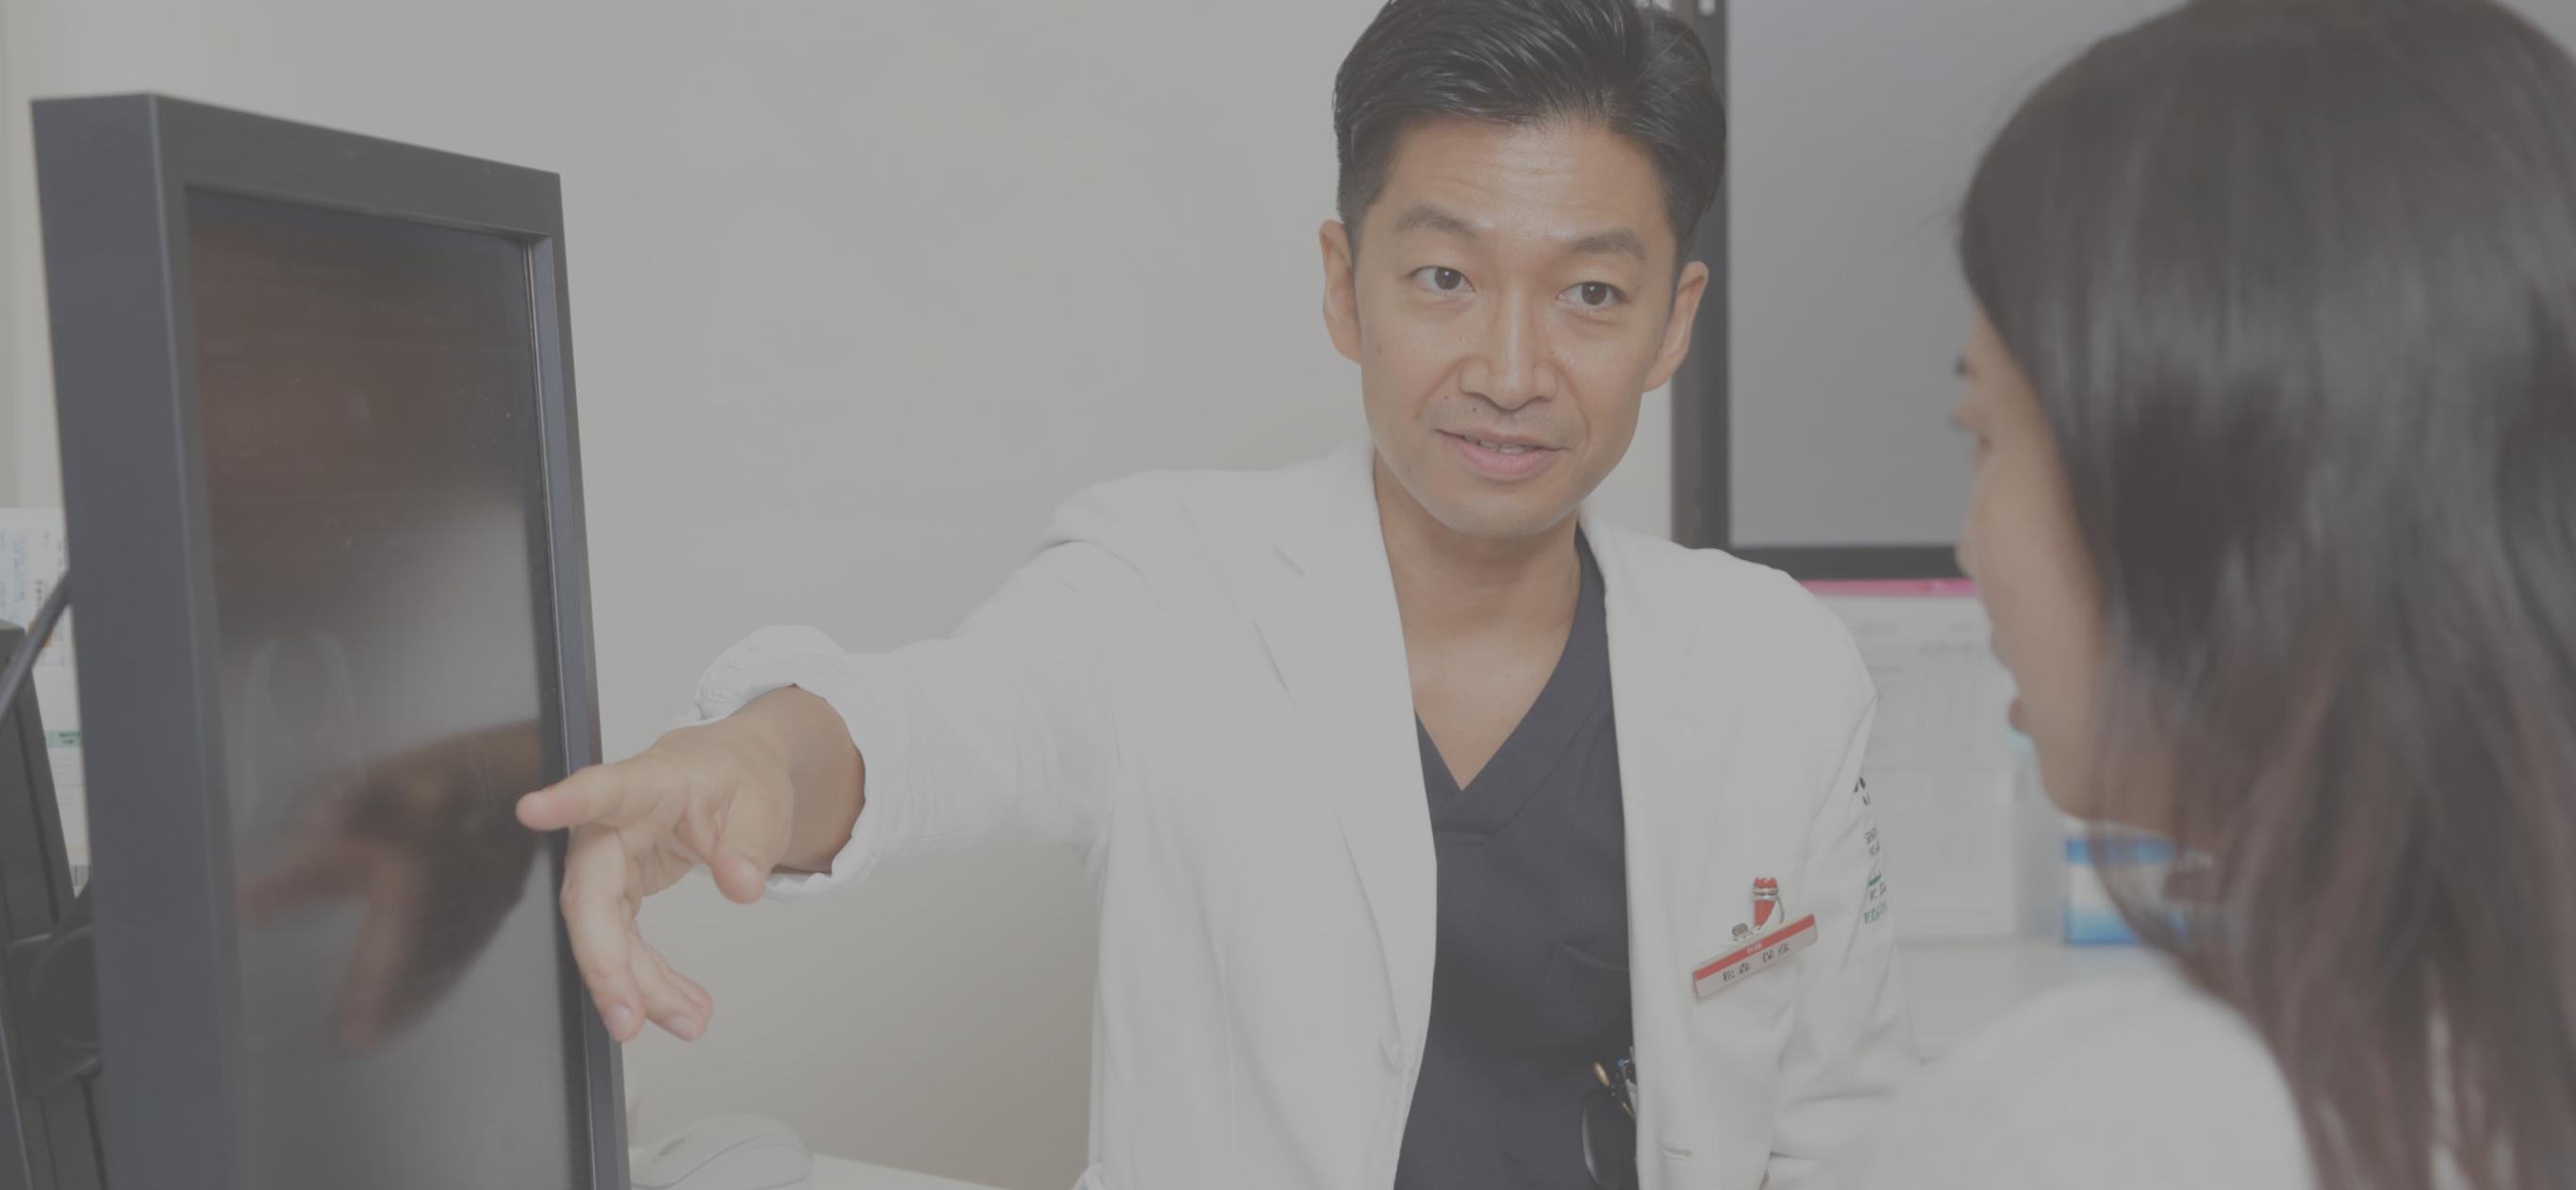 不安な頭痛 困る頭痛を 専門の医師が診断